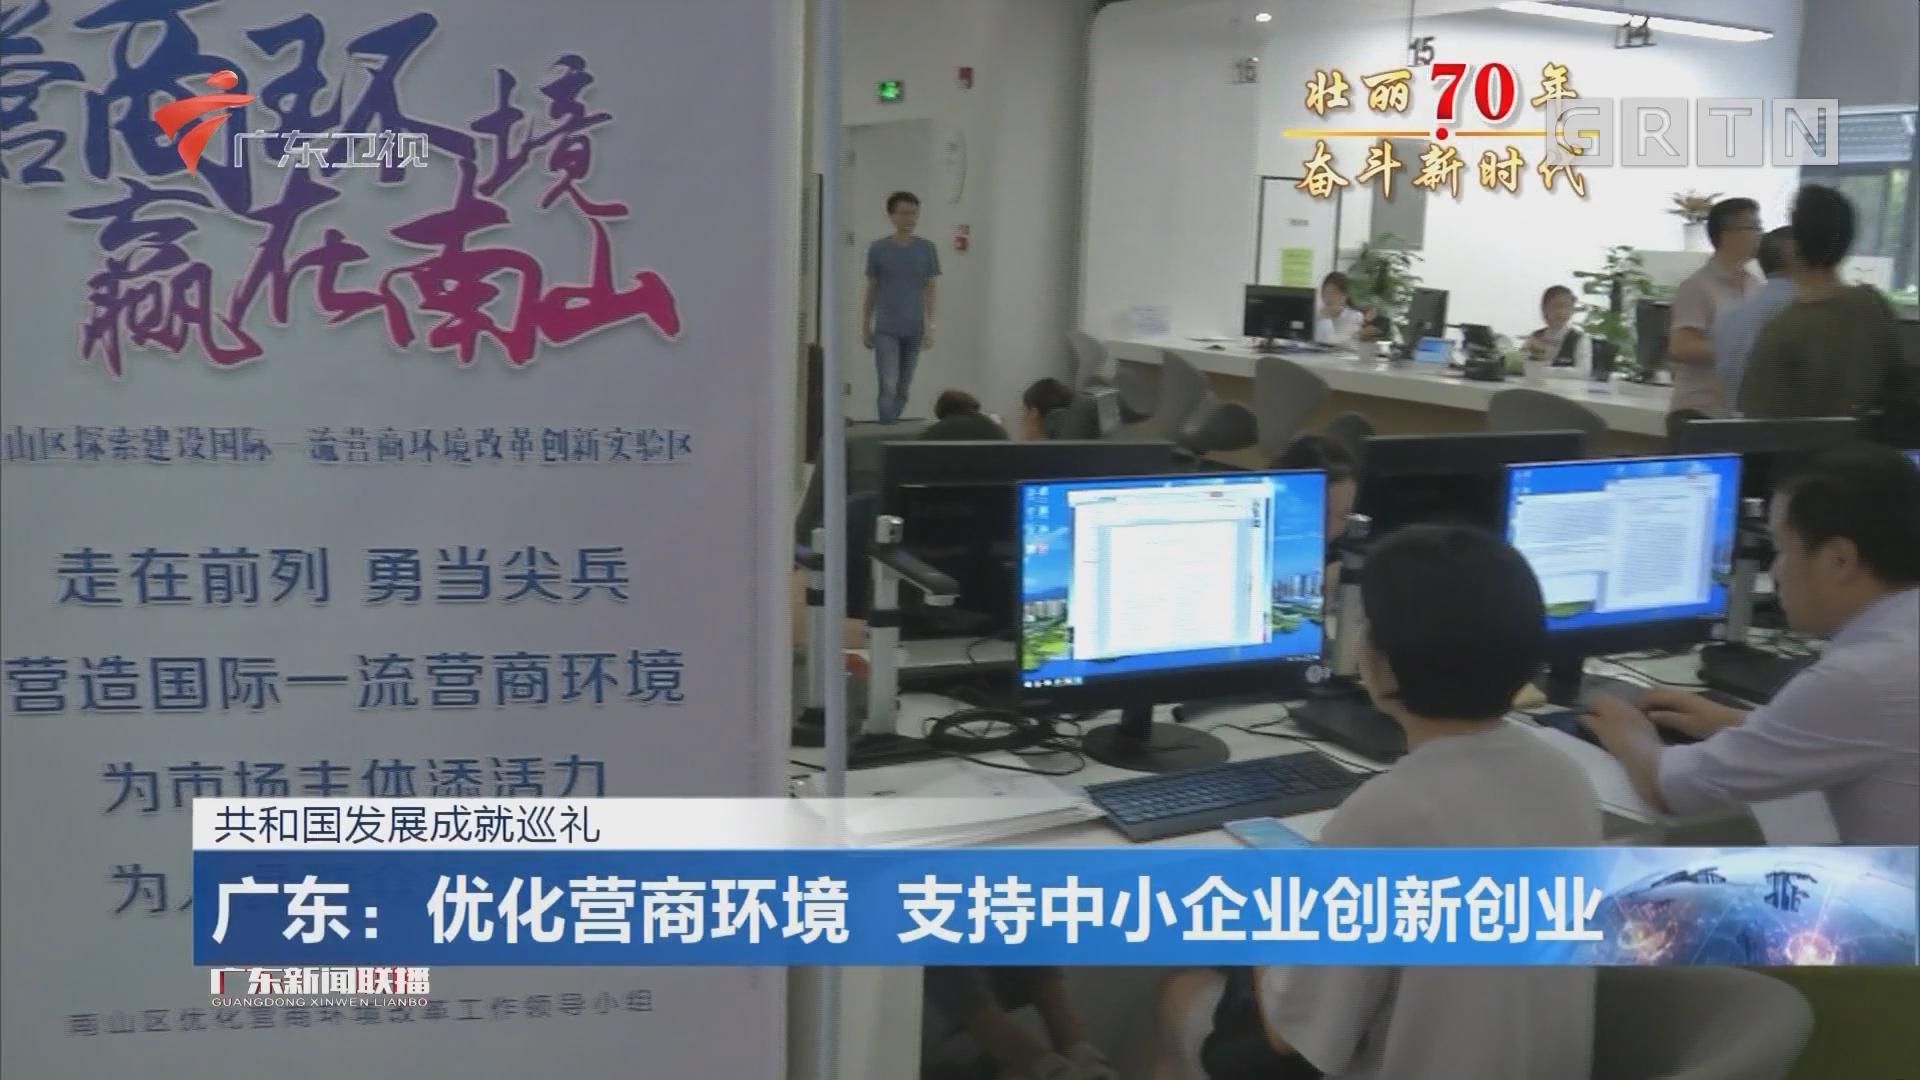 广东:优化营商环境 支持中小企业创新创业